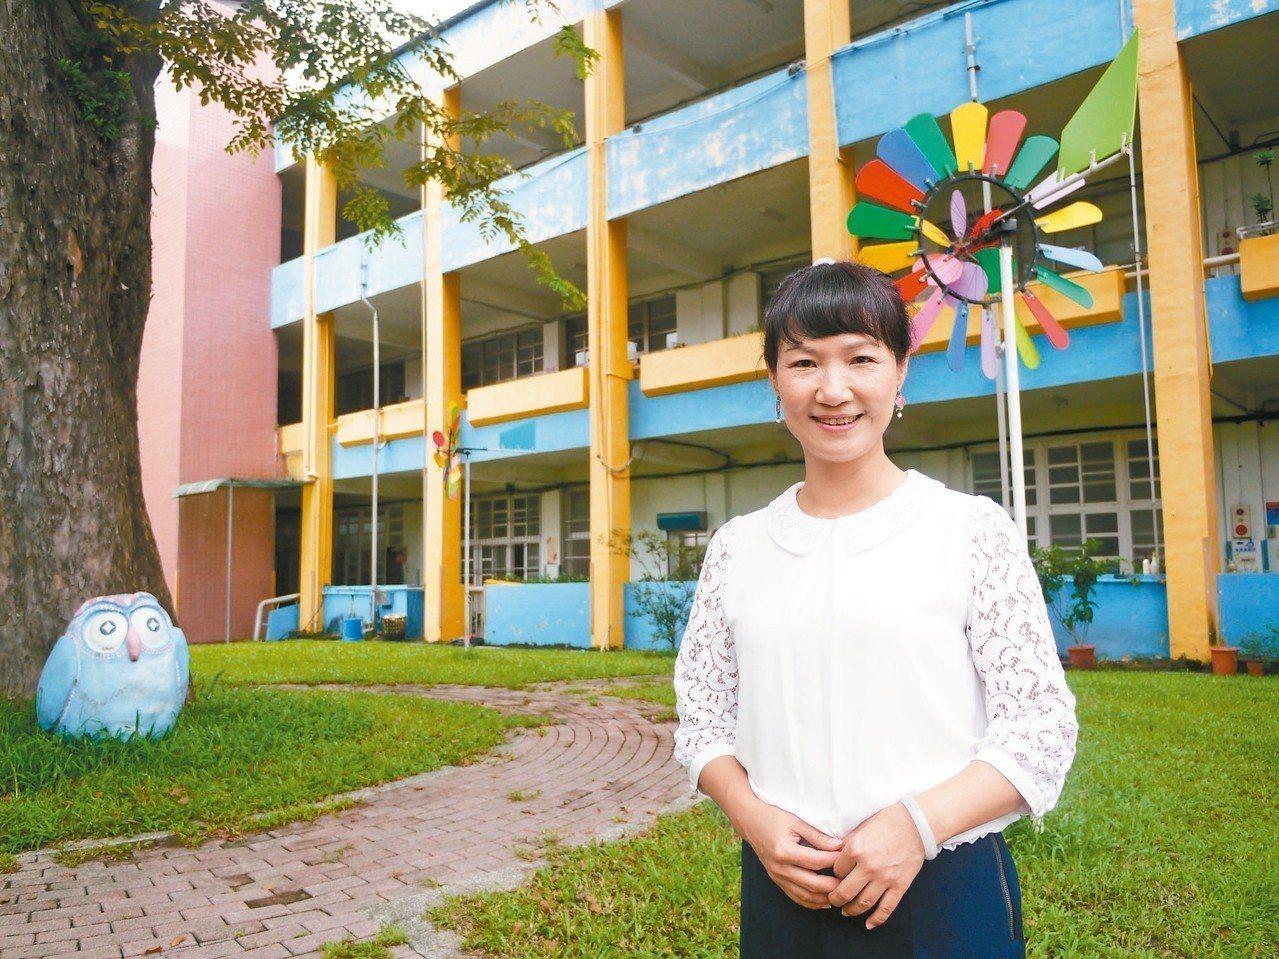 高市美濃國小校長楊瑞霞熱愛教育,百年老校在她帶領下充滿活力。 記者徐白櫻/攝影